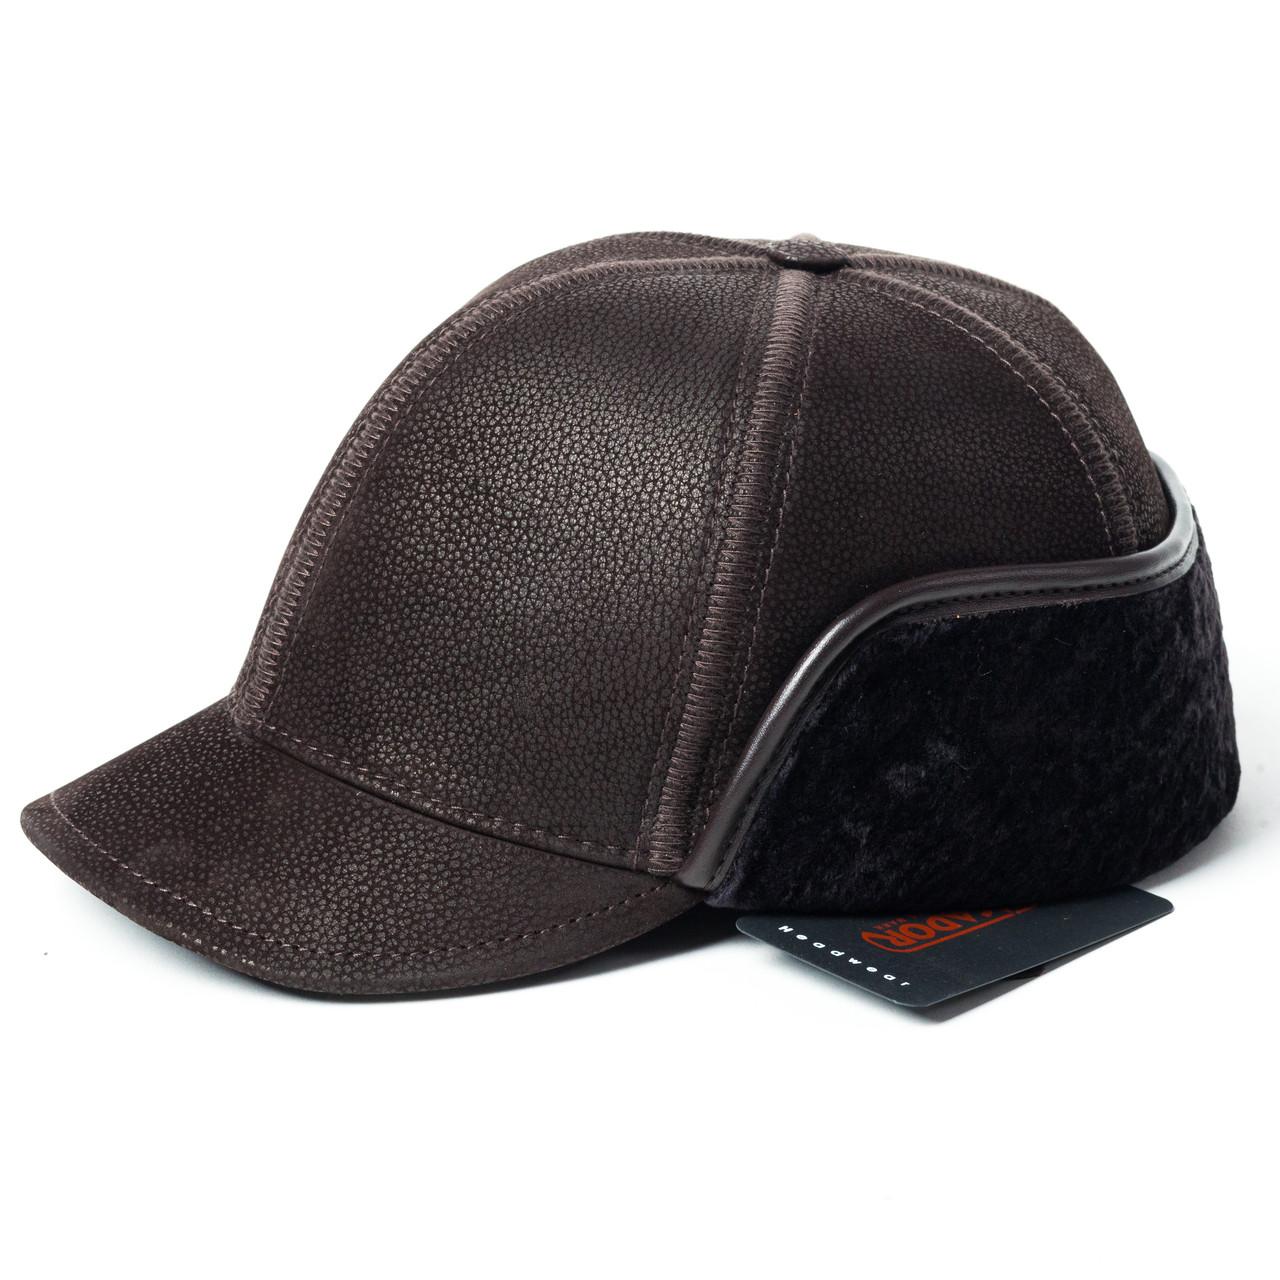 Кепка Жокей мужская замшевая коричневая Picador ЖСН-2-12-2